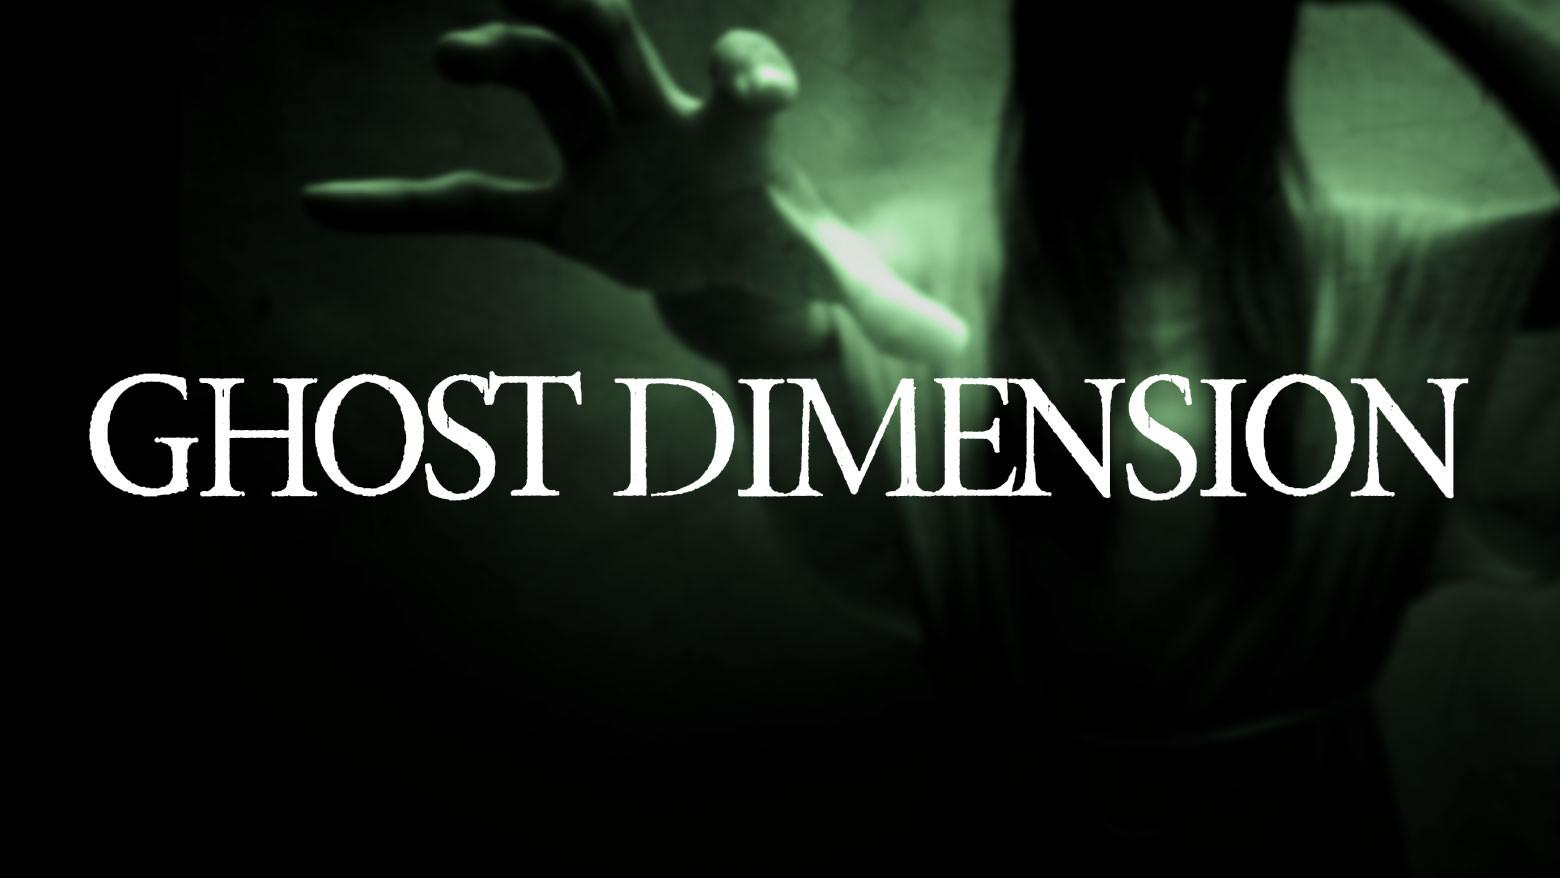 ghost dimension featuredImage.jpg